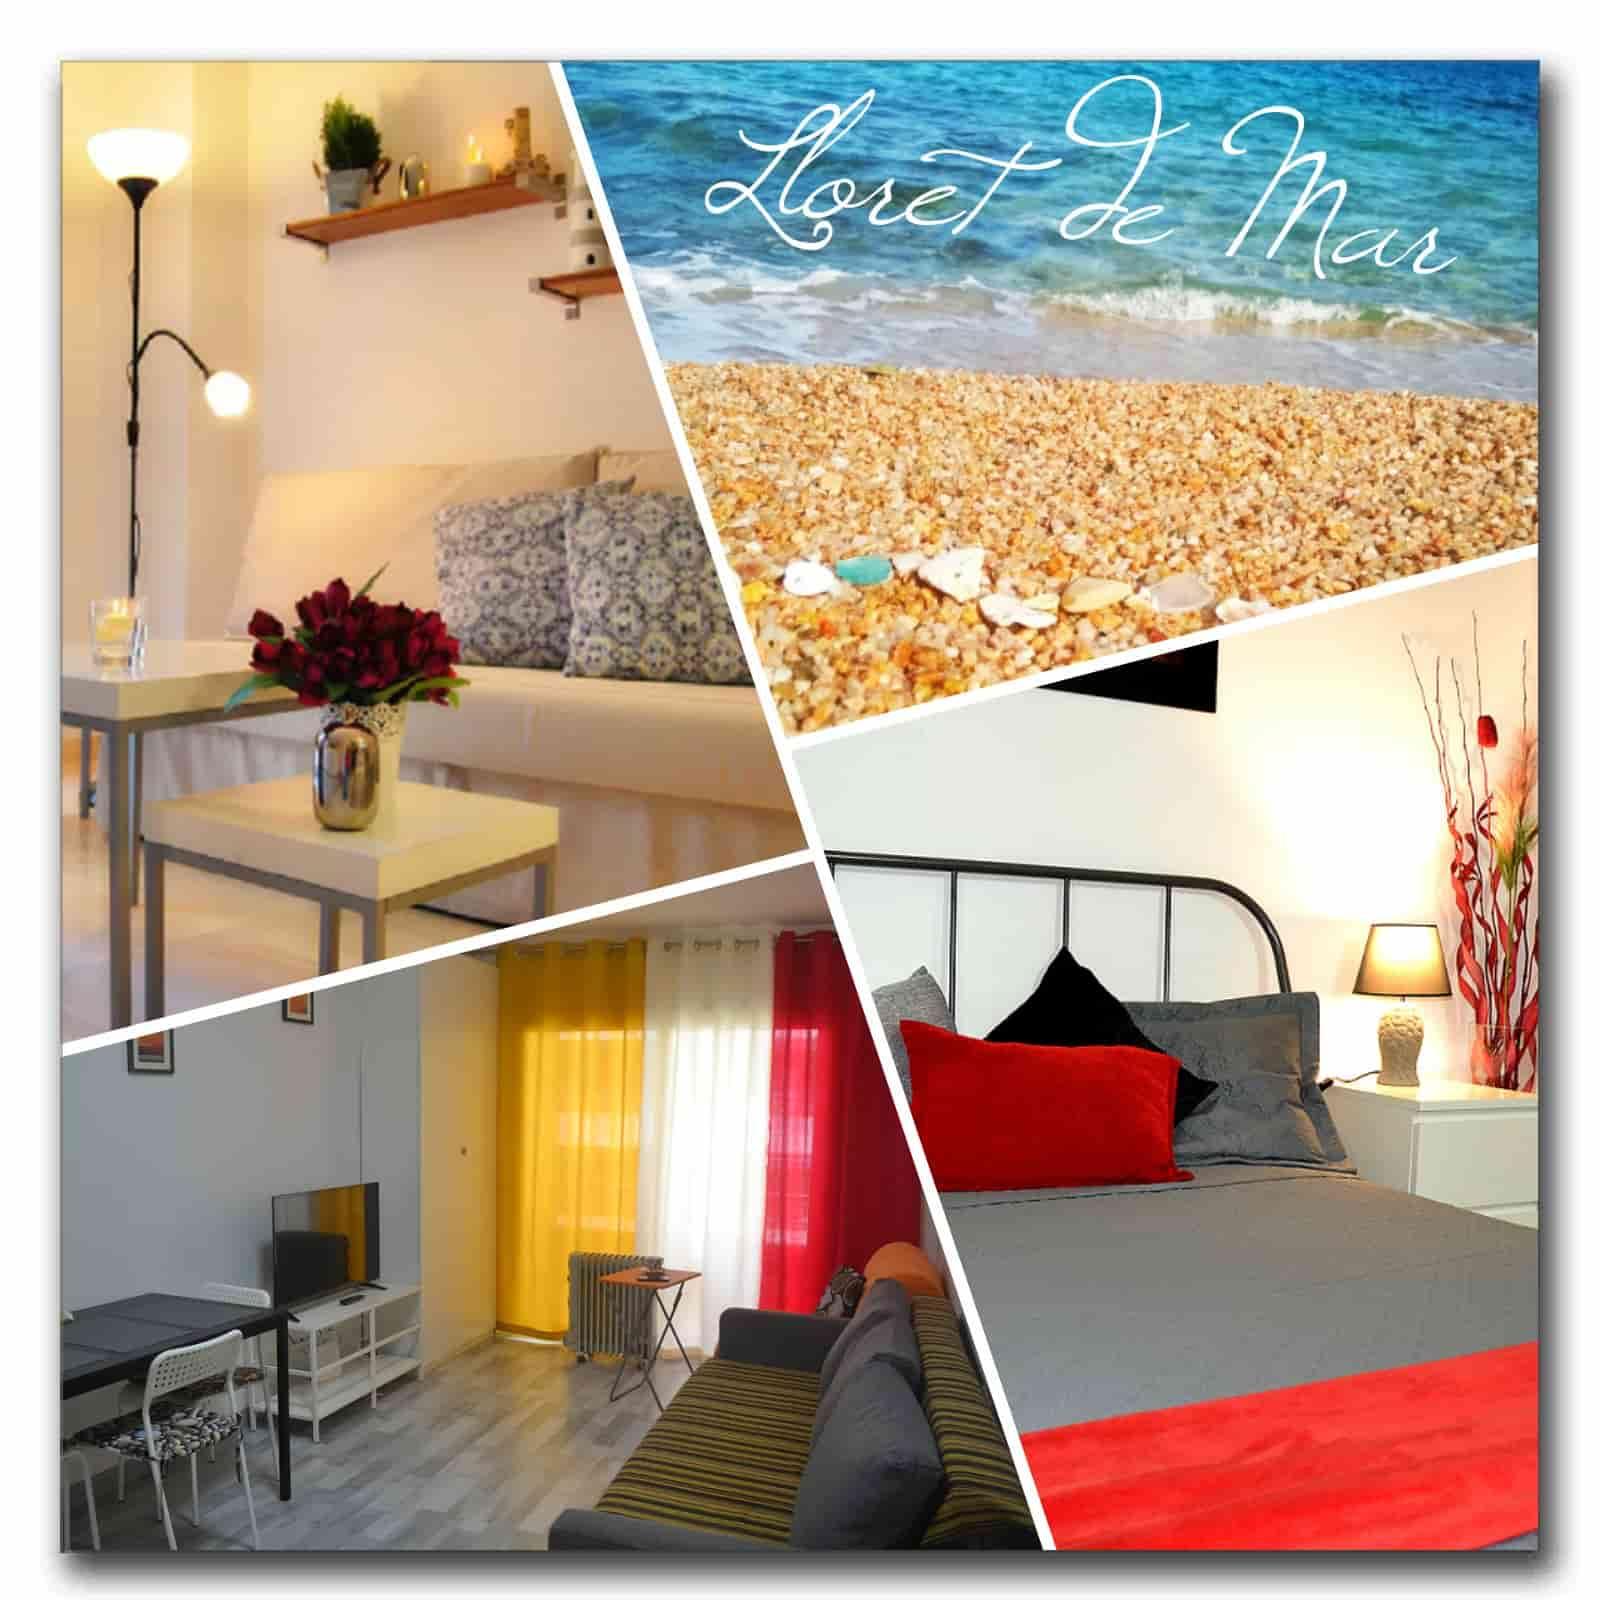 Аренда апартаментов в Испании. Онлайн бронирование. Каталония, Коста-Брава, Льорет-де-Мар